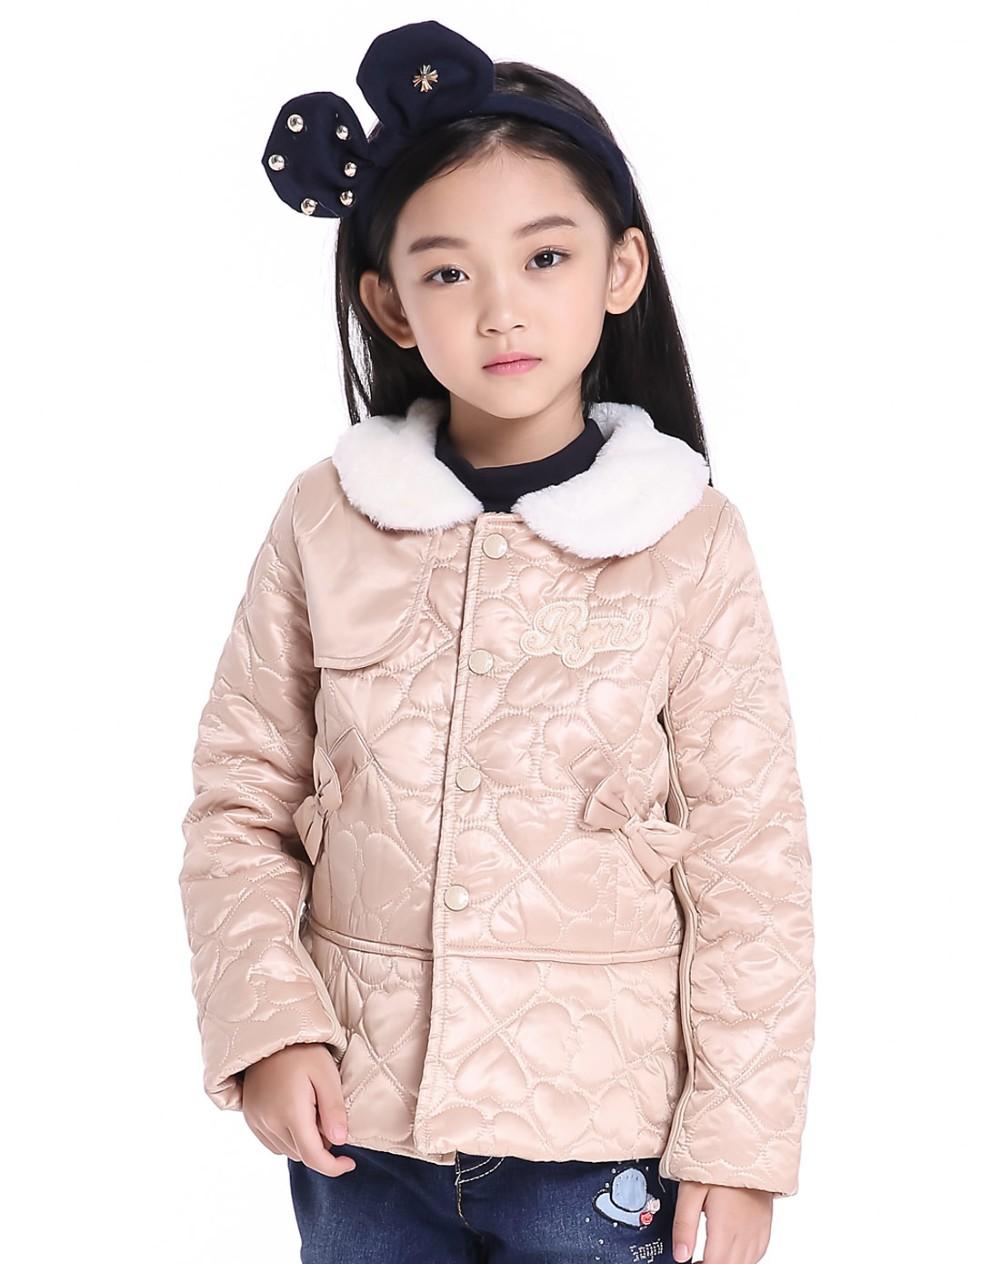 Скидки на Девушки Зимняя куртка детская одежда 2016 ребенок хлопка-ватник пальто Лук Полосатый печати дети Девушки теплые ватные куртка